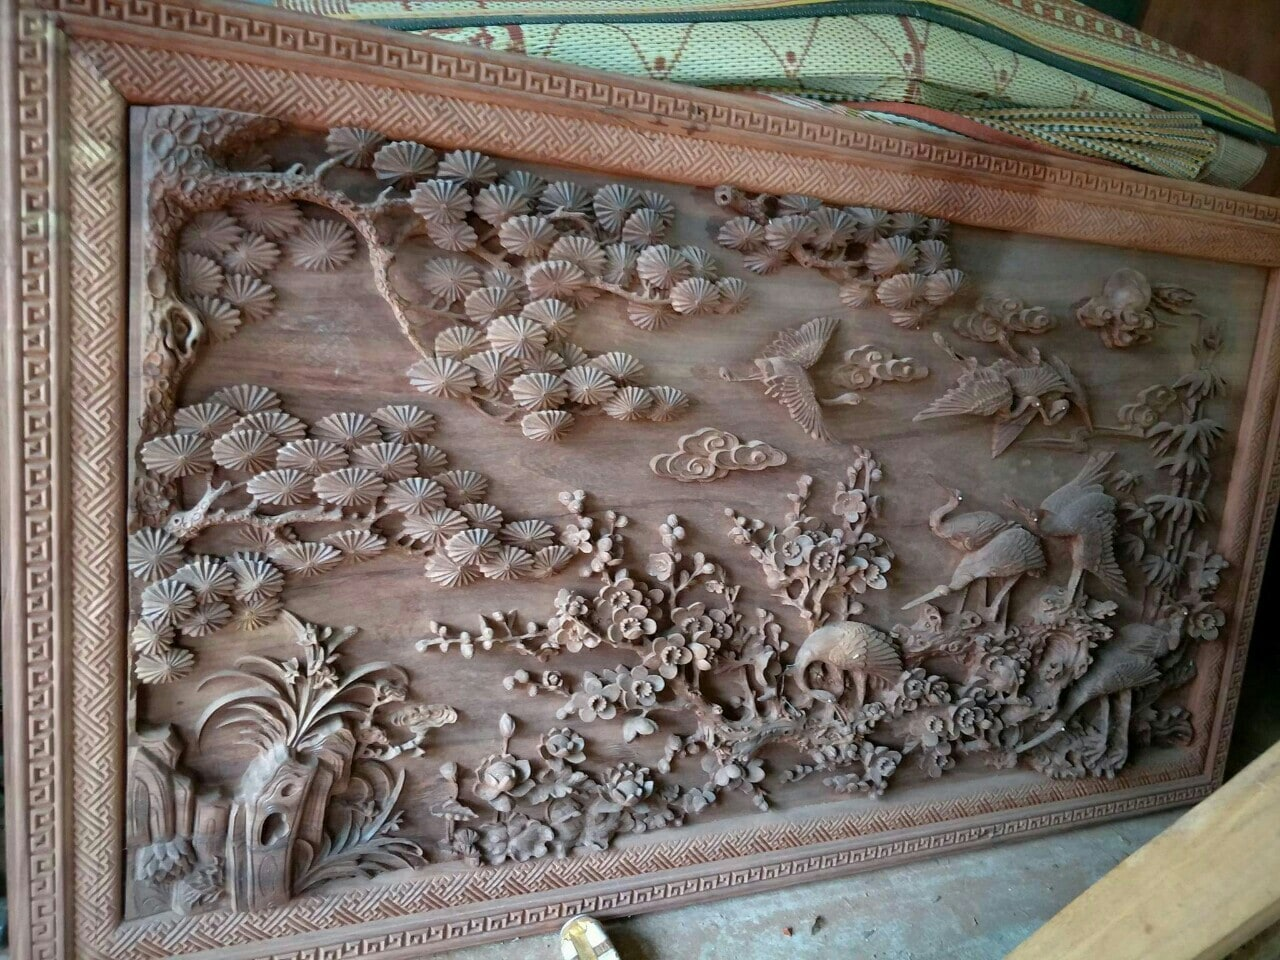 Ý nghĩa bức tranh gỗ Đồng Quê và cách treo tranh nhận nhiều năng lượng nhất